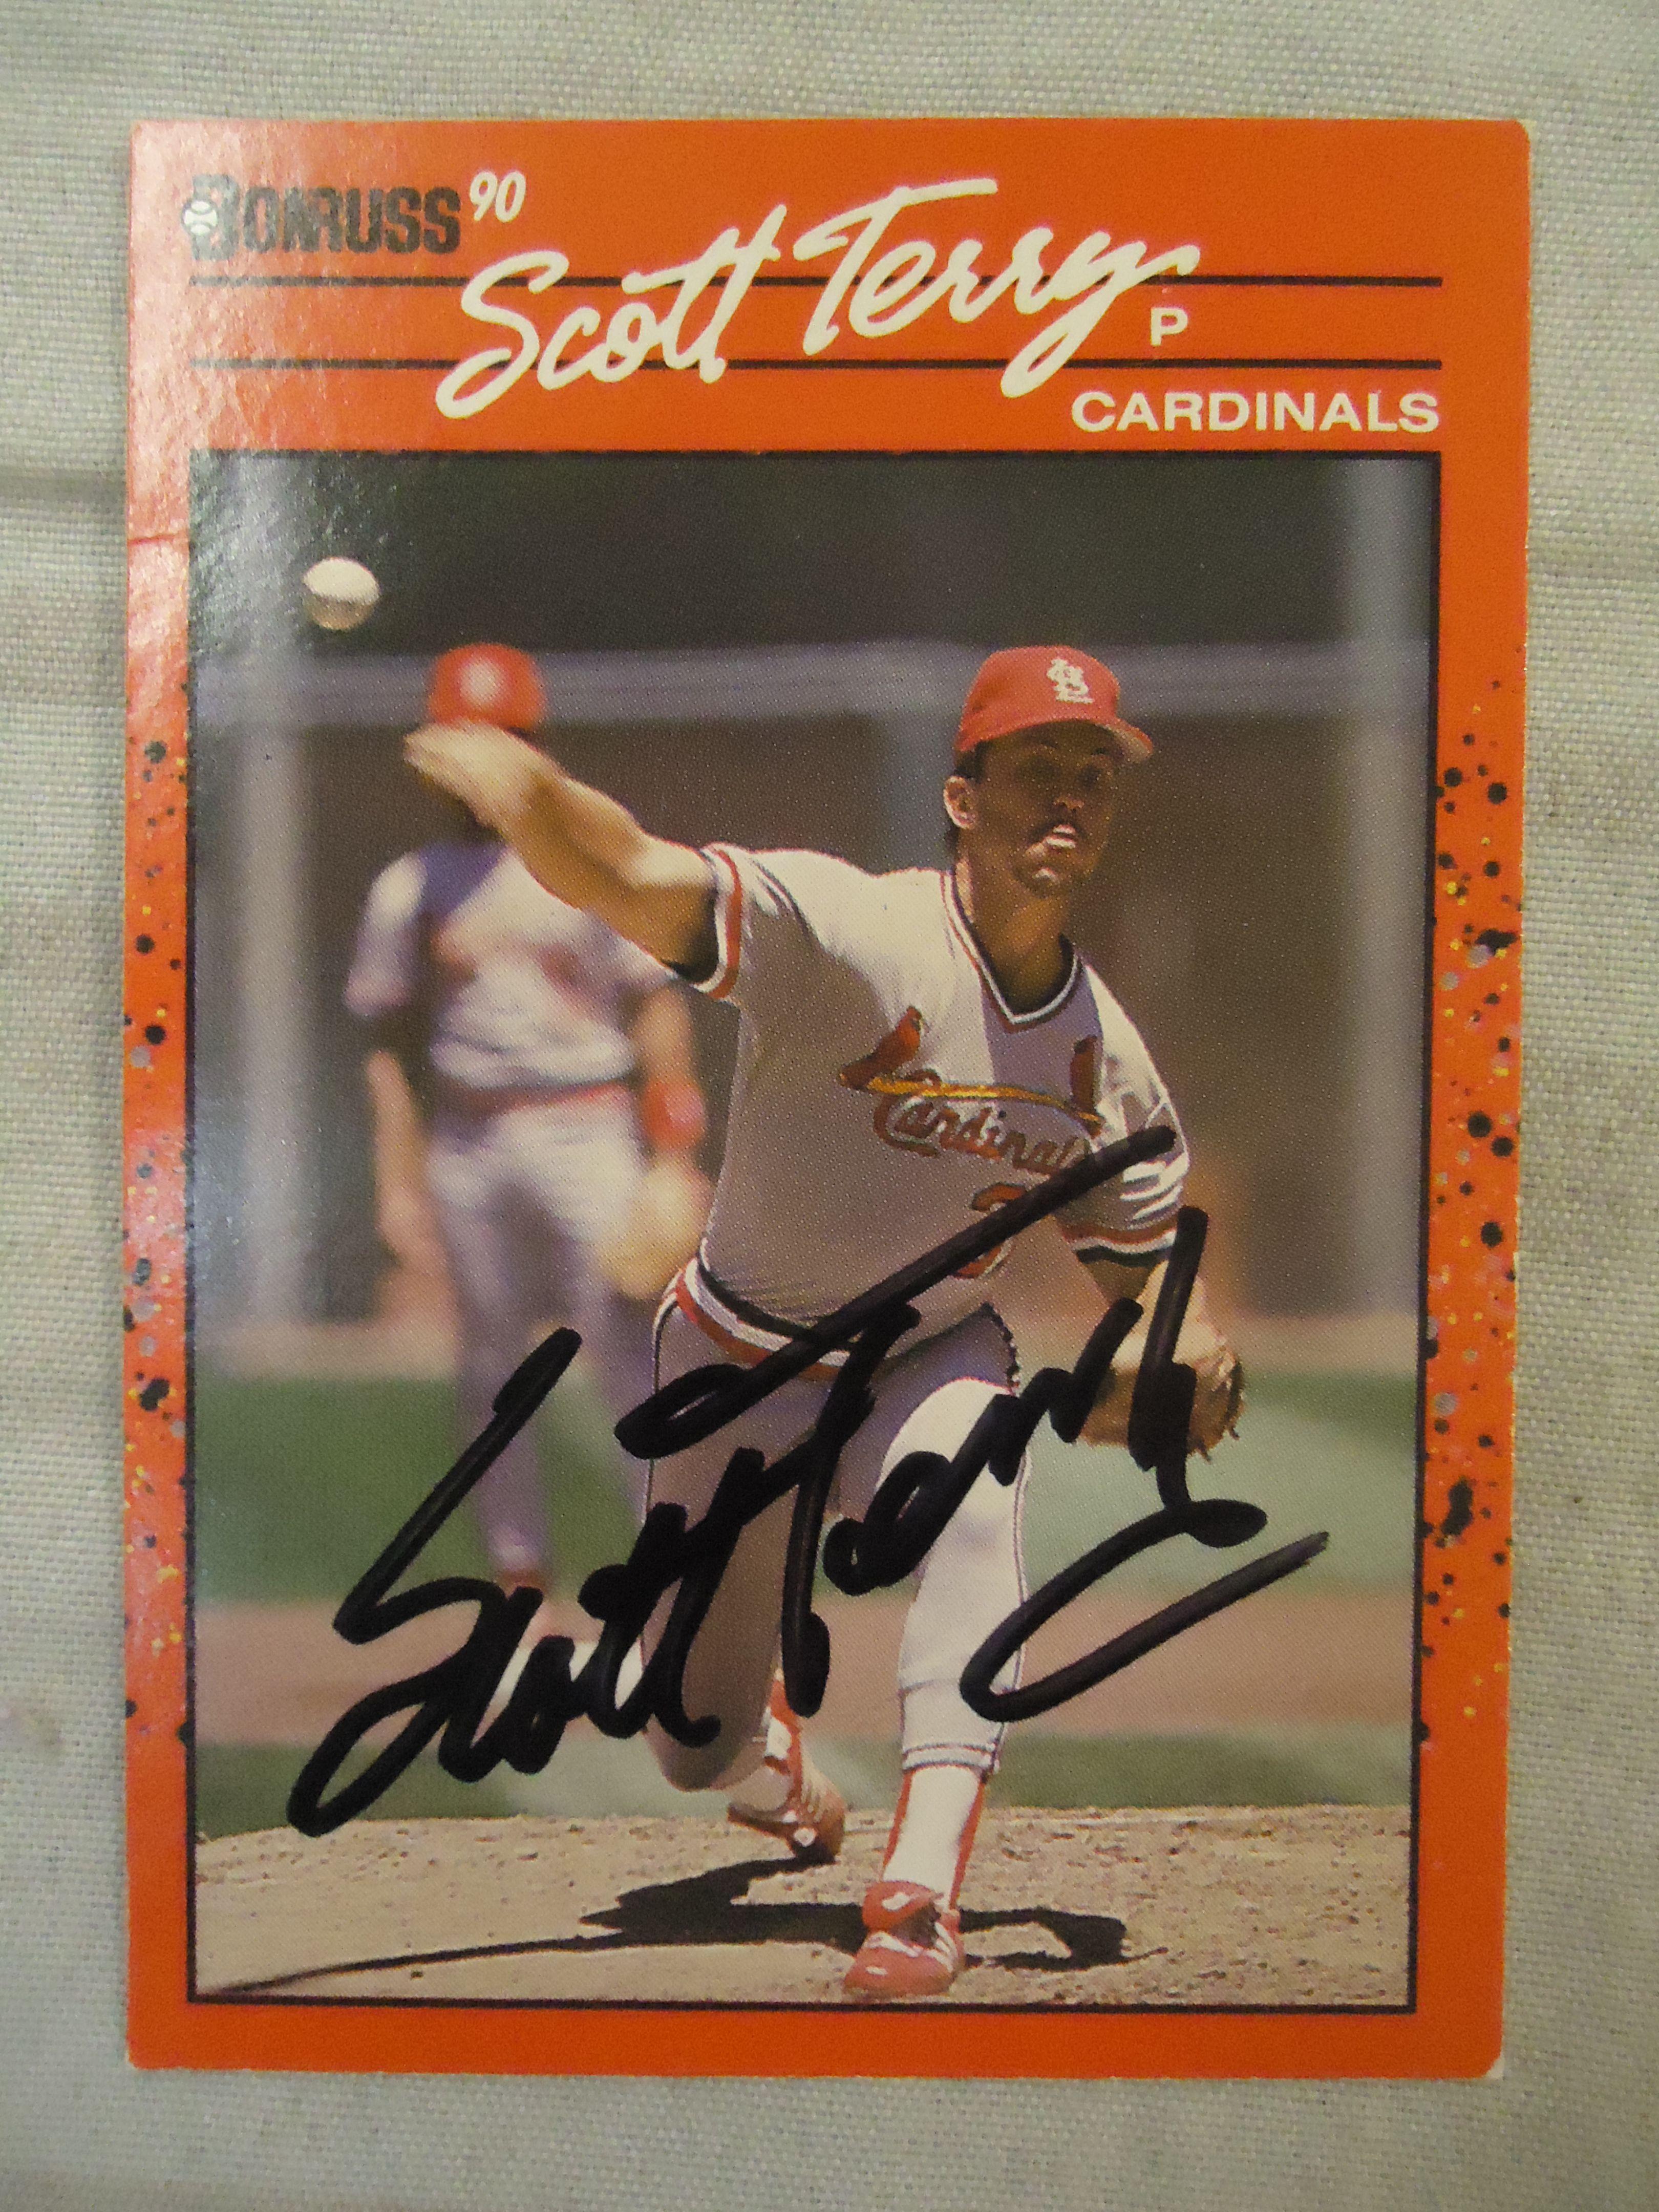 1990 donruss scott terry ttm baseball cards terry